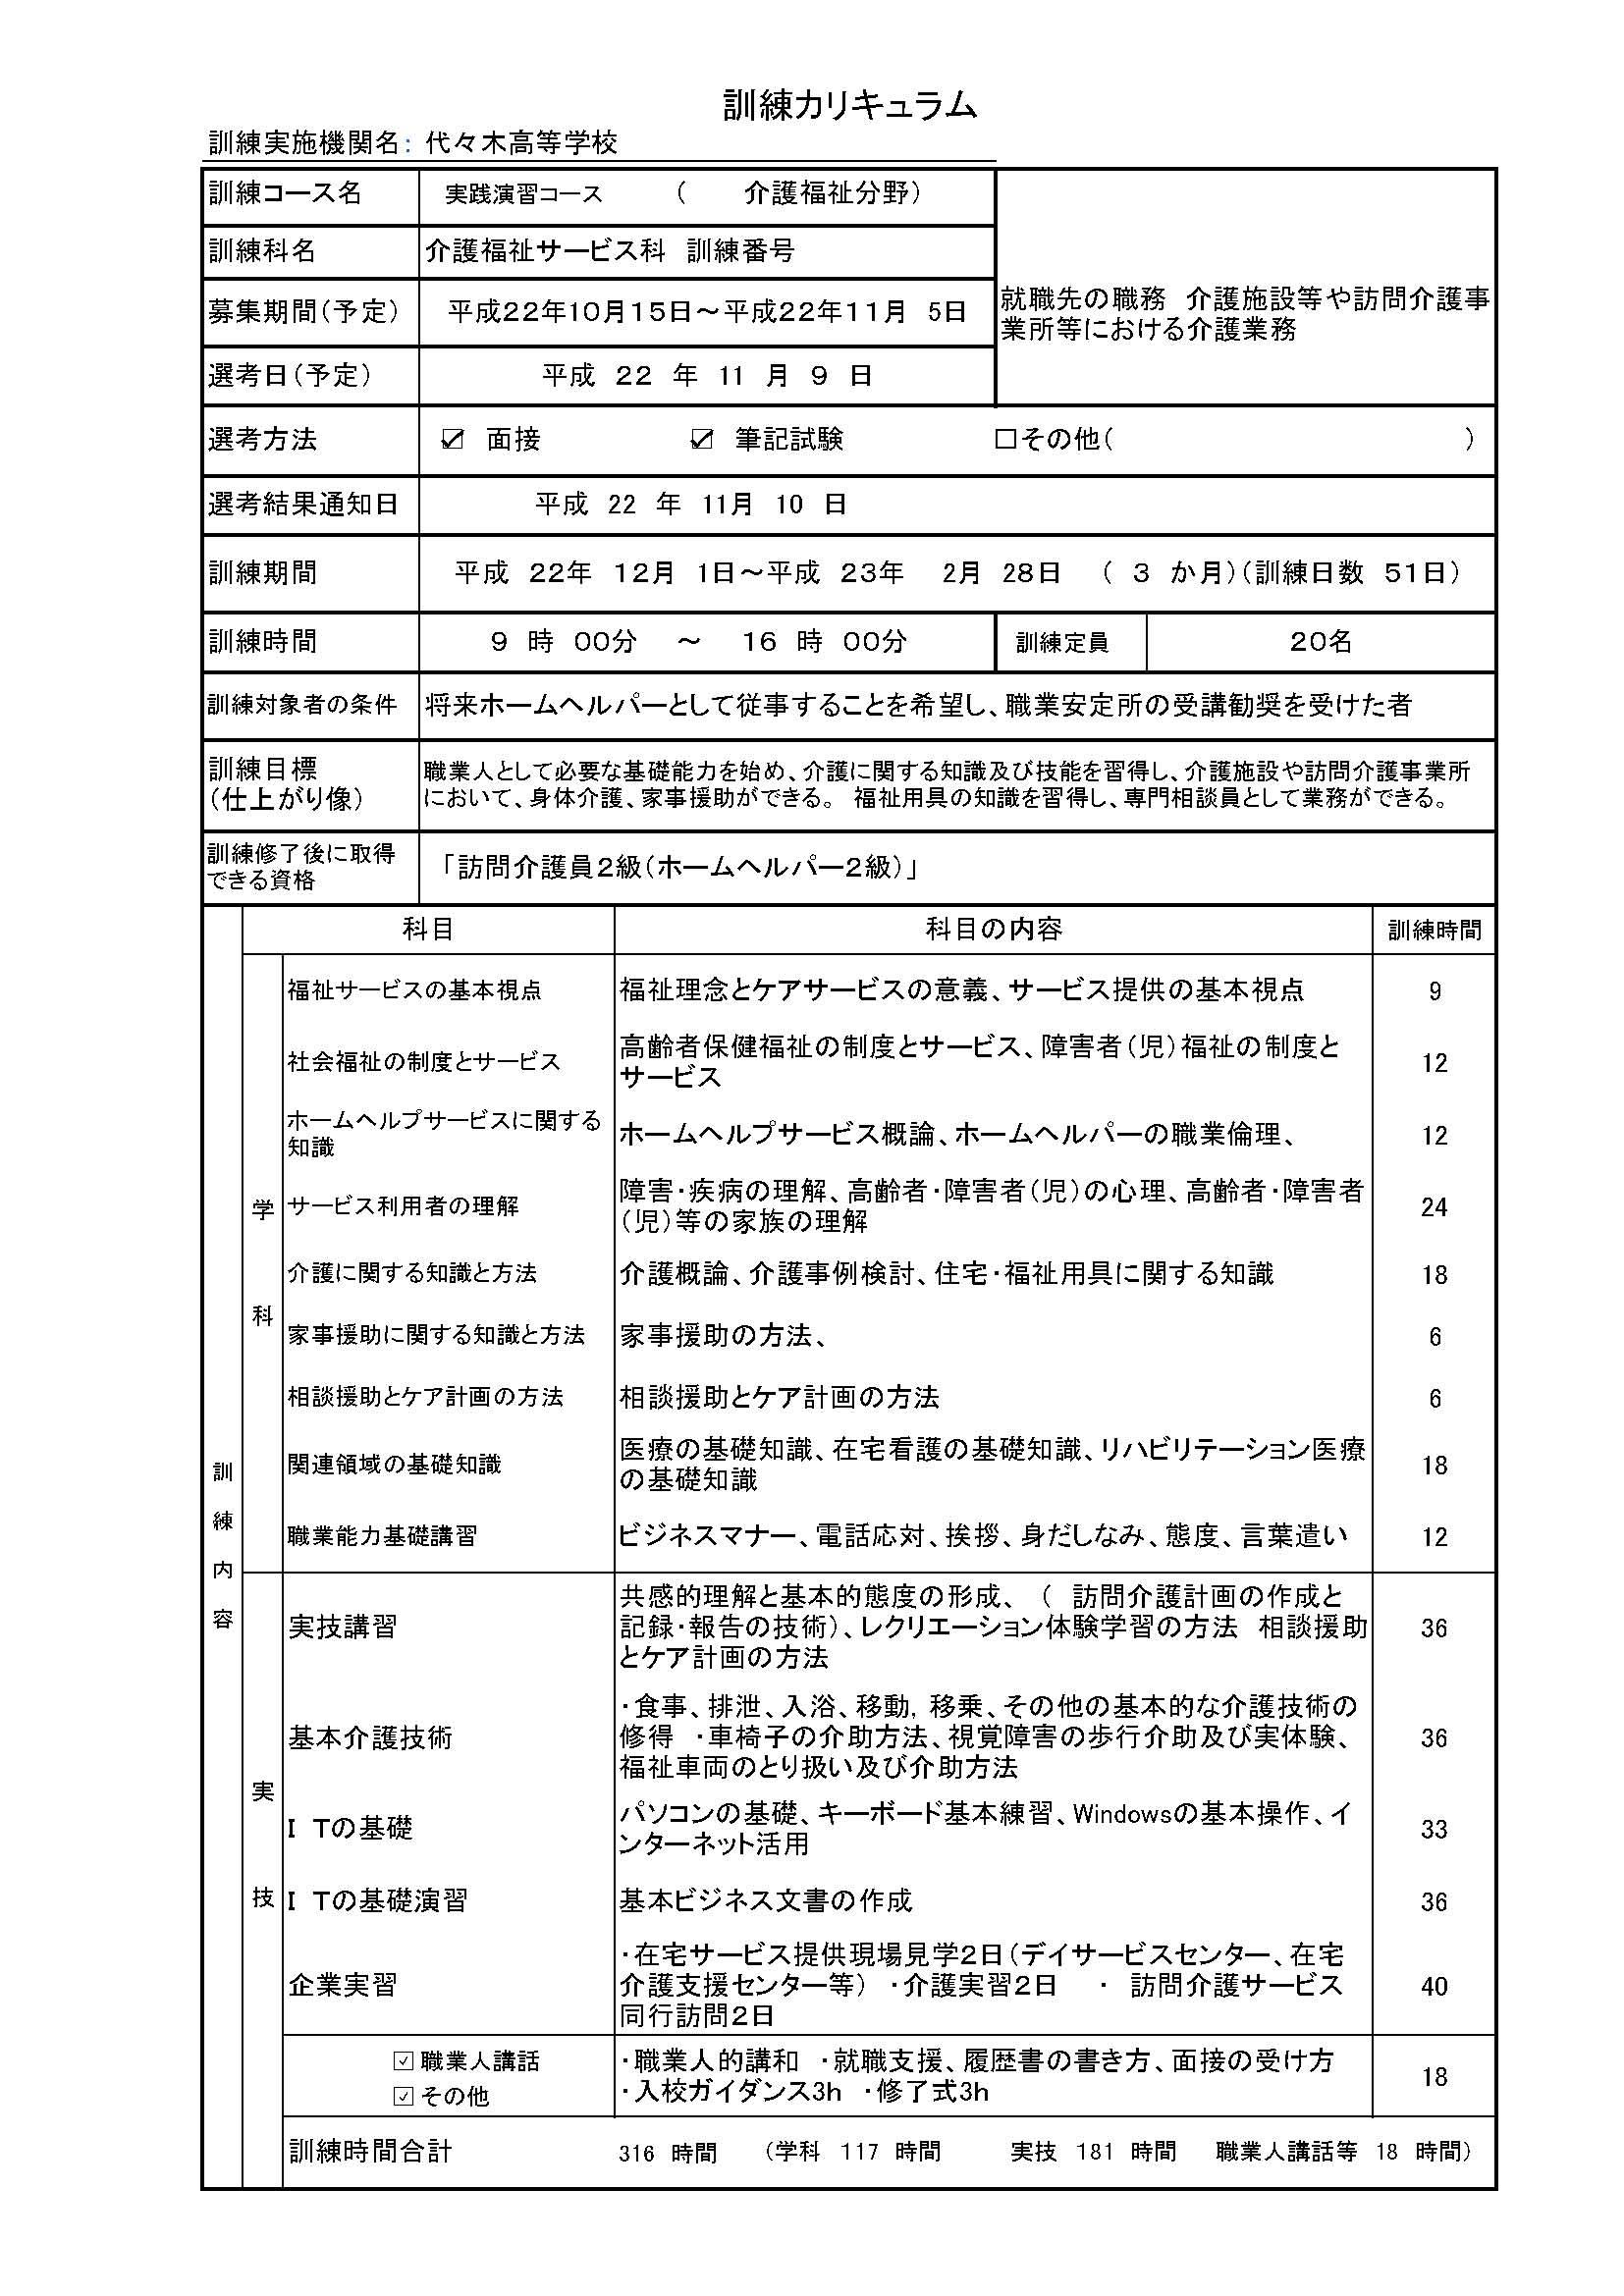 http://iseshima.org/%E4%BB%8B%E8%AD%B7%E5%9F%BA%E9%87%91%E8%A8%93%E7%B7%B4%E3%83%A1%E3%83%8B%E3%83%A5%E3%83%BC.jpg